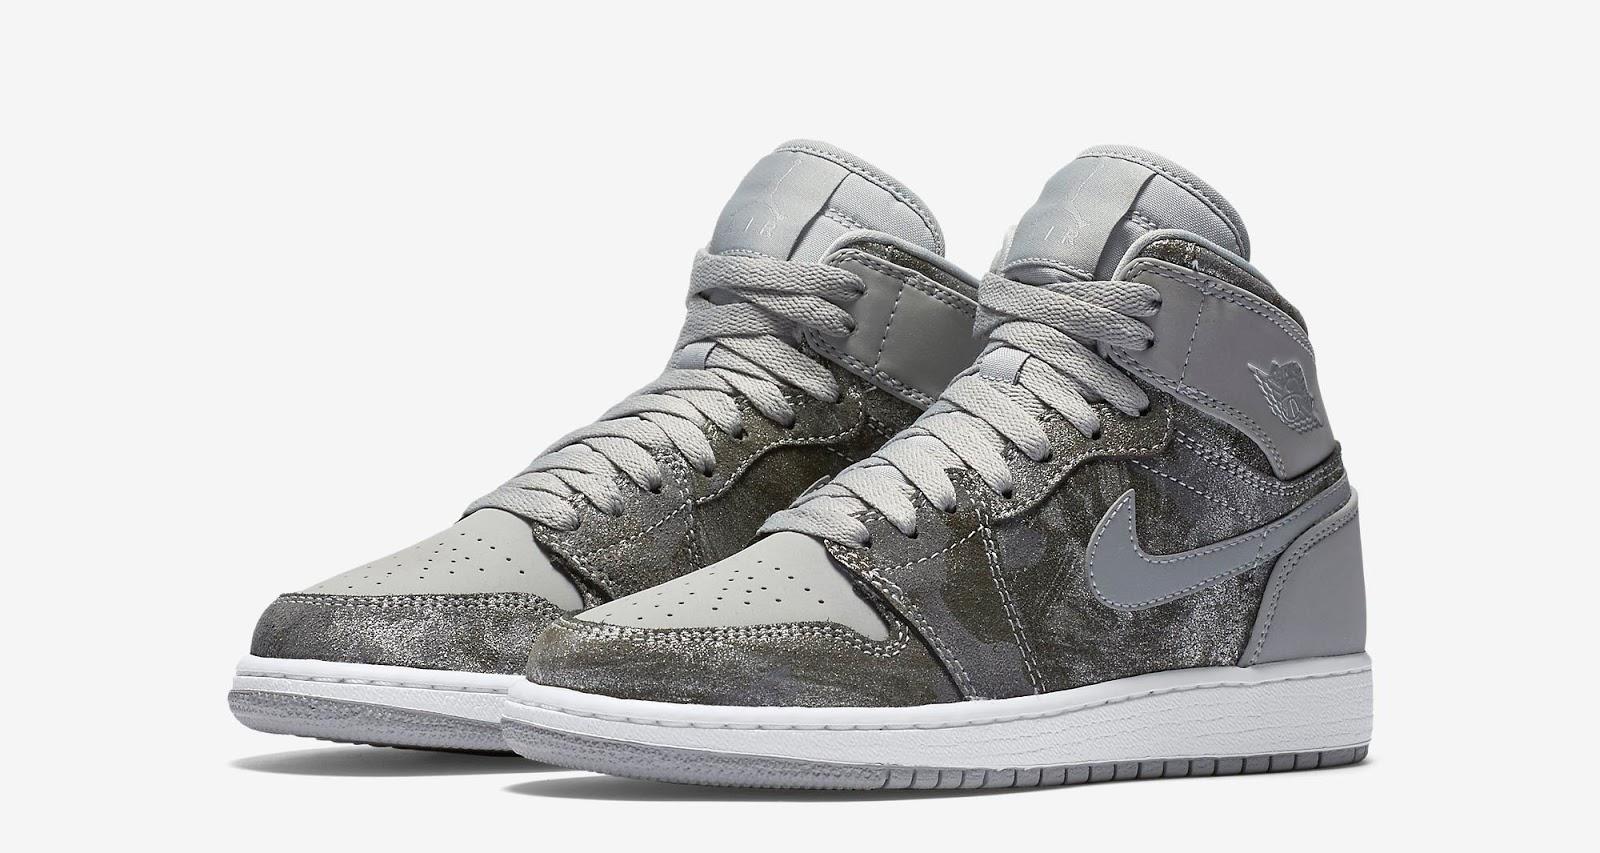 Nike Air Jordan 1 I High Buy Silaver